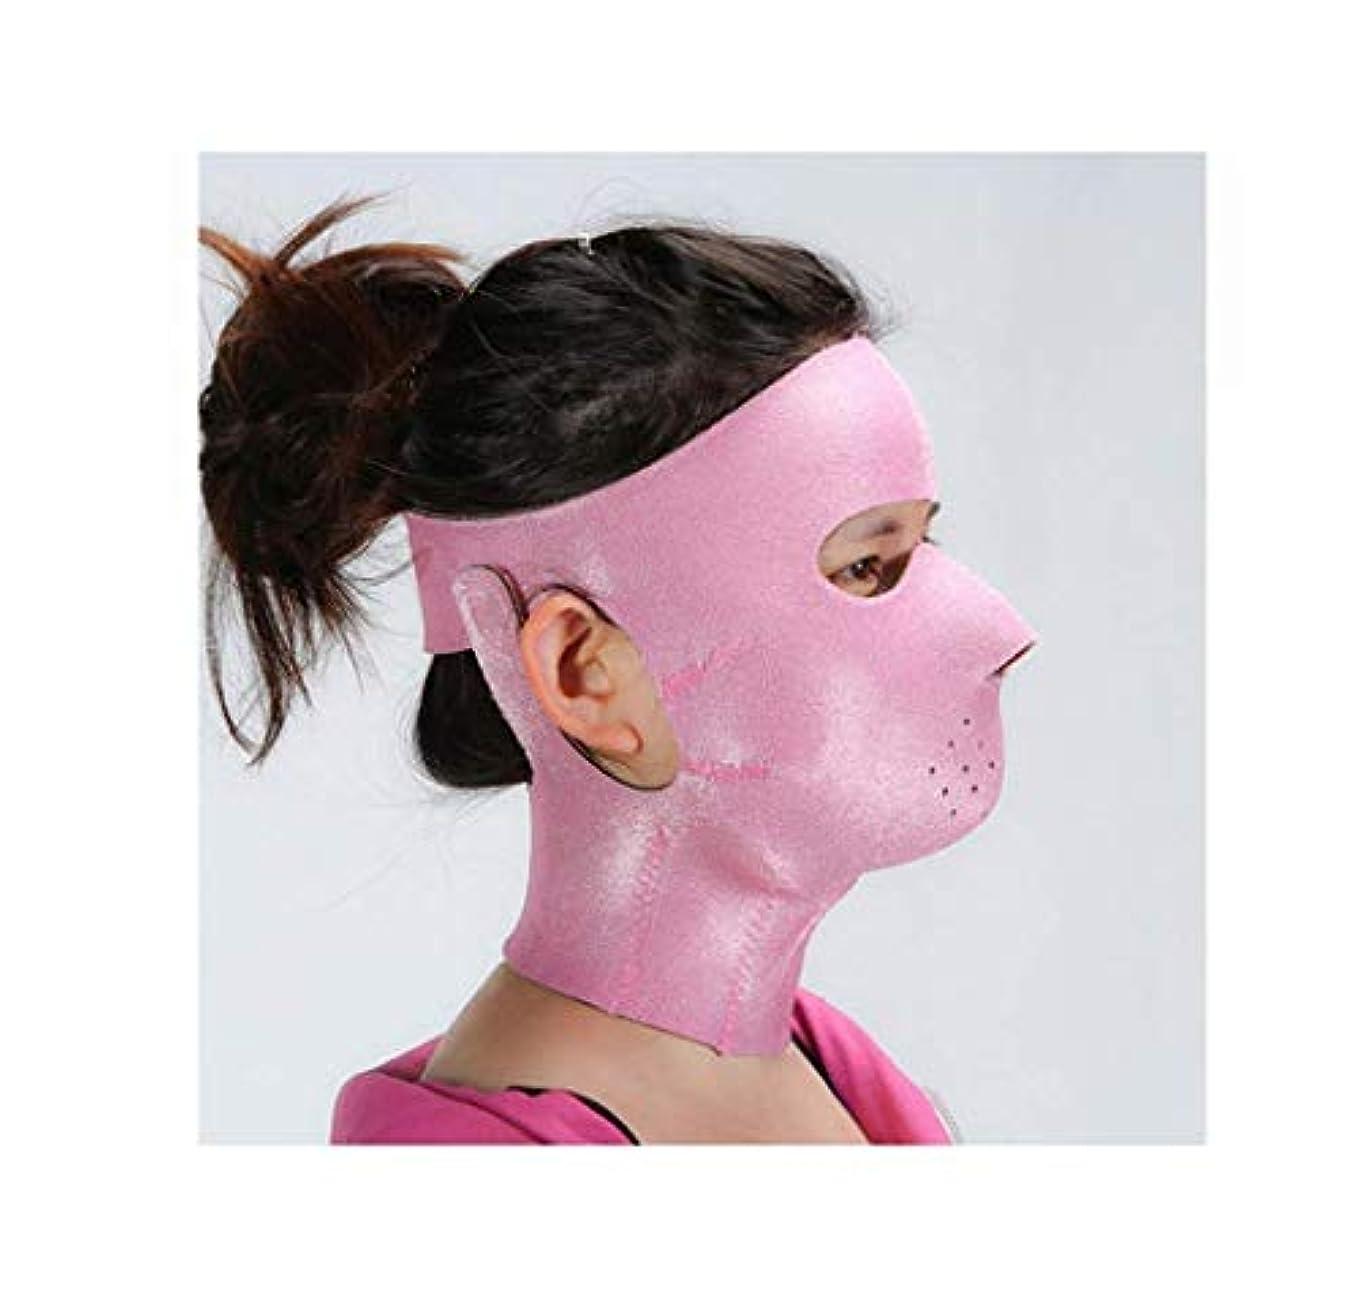 差別永久酸フェイスリフトマスク、フェイシャルマスクプラス薄いフェイスマスクタイトなたるみの薄いフェイスマスクフェイシャル薄いフェイスマスクアーティファクトビューティーネックストラップ付き